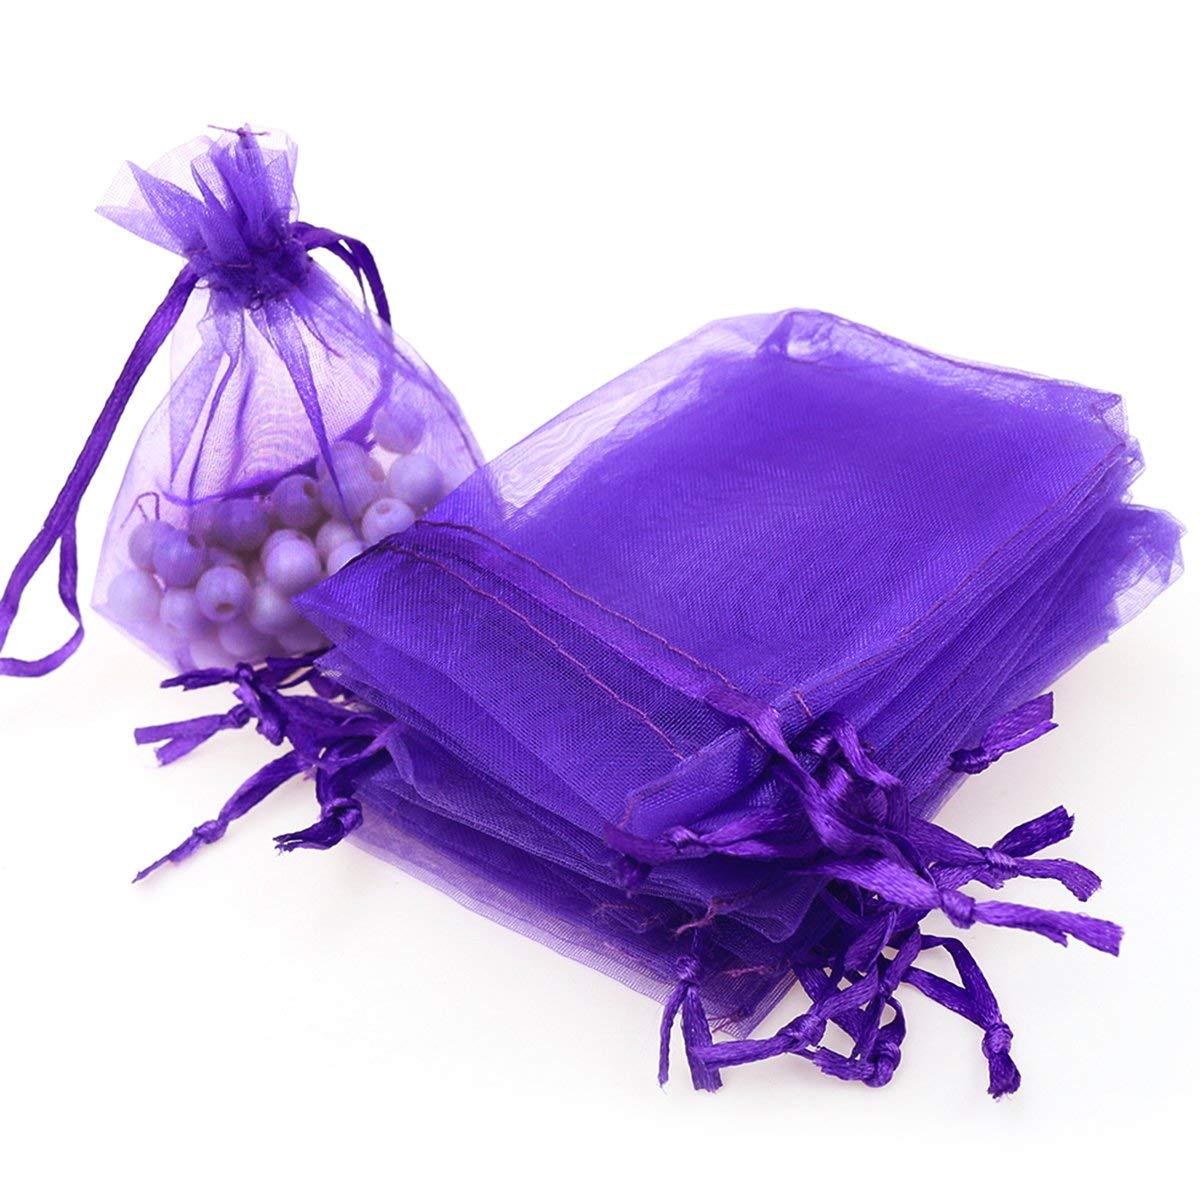 Violet Festival Dproptel Lot de 100 Pochettes en Organza avec Cordon de Serrage pour Bijoux de f/ête de Mariage Sacs /à Bonbons pour d/écoration de f/ête 3.5 * 4.7inch